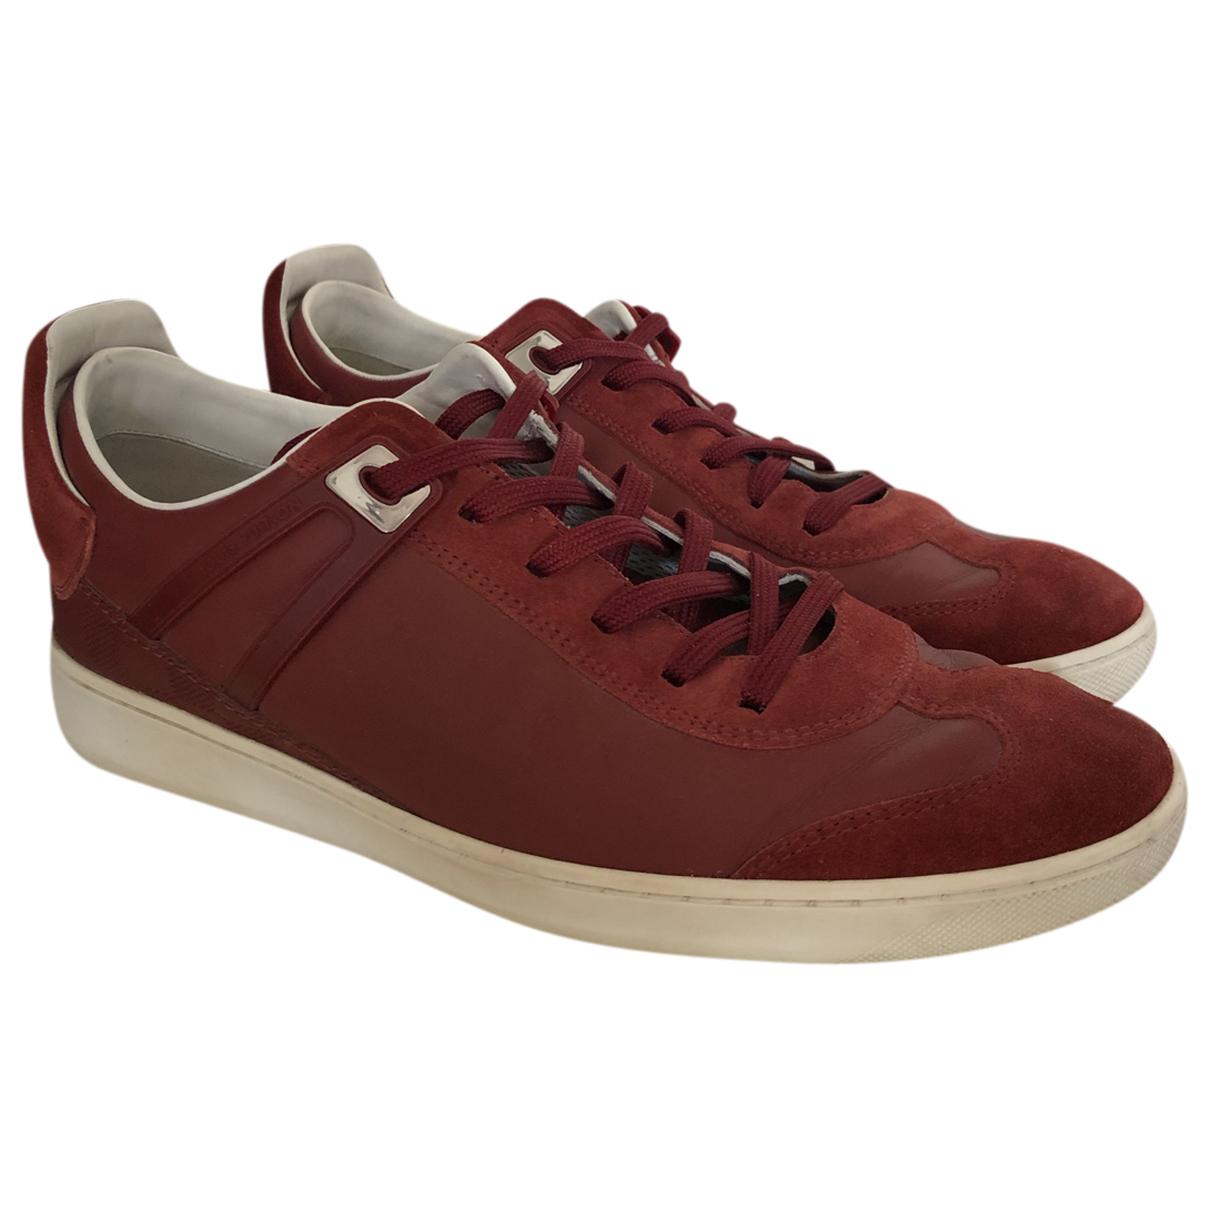 Louis Vuitton - Baskets   pour homme en cuir - rouge